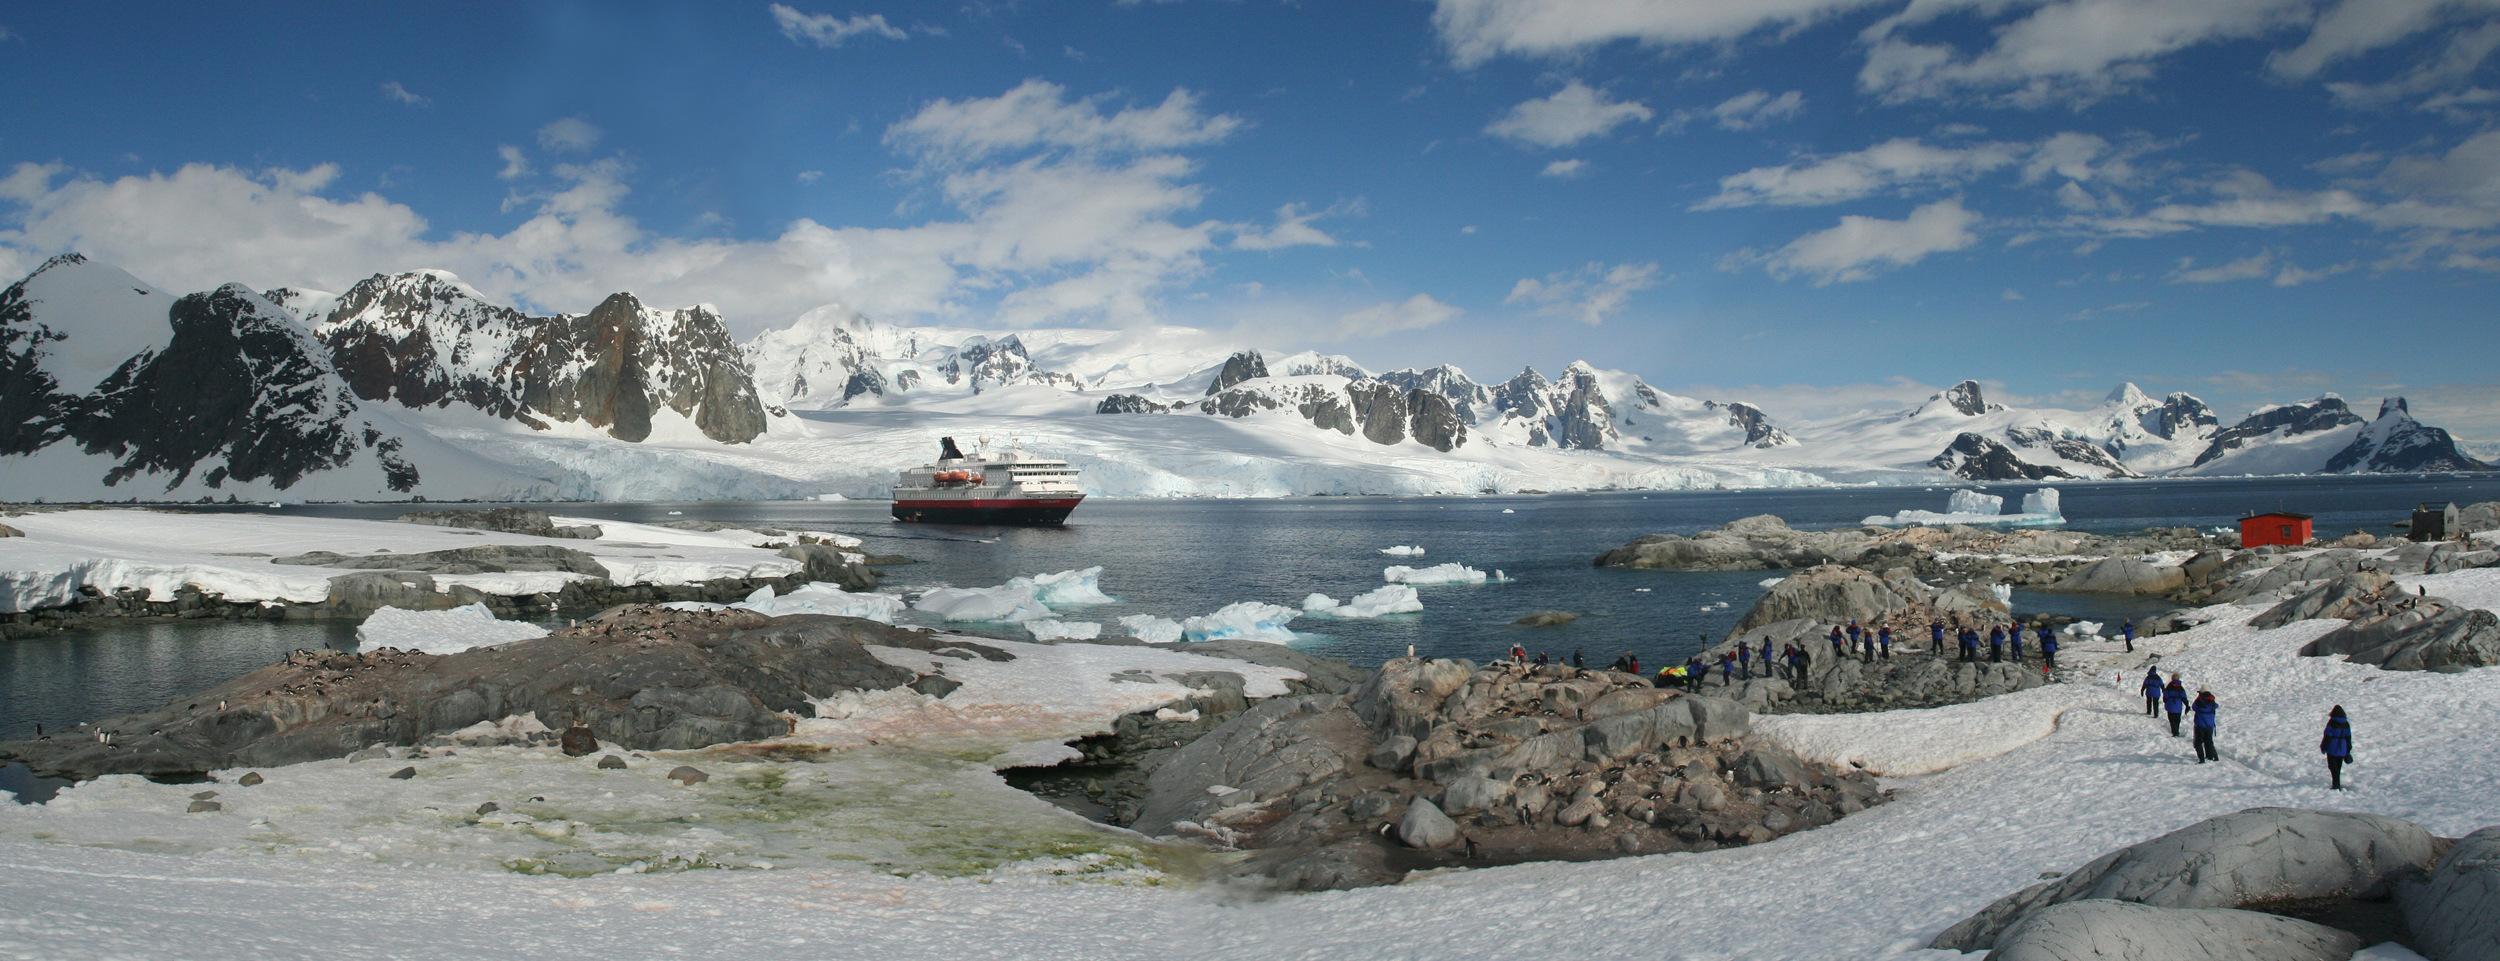 Antarctica-Bucket-List